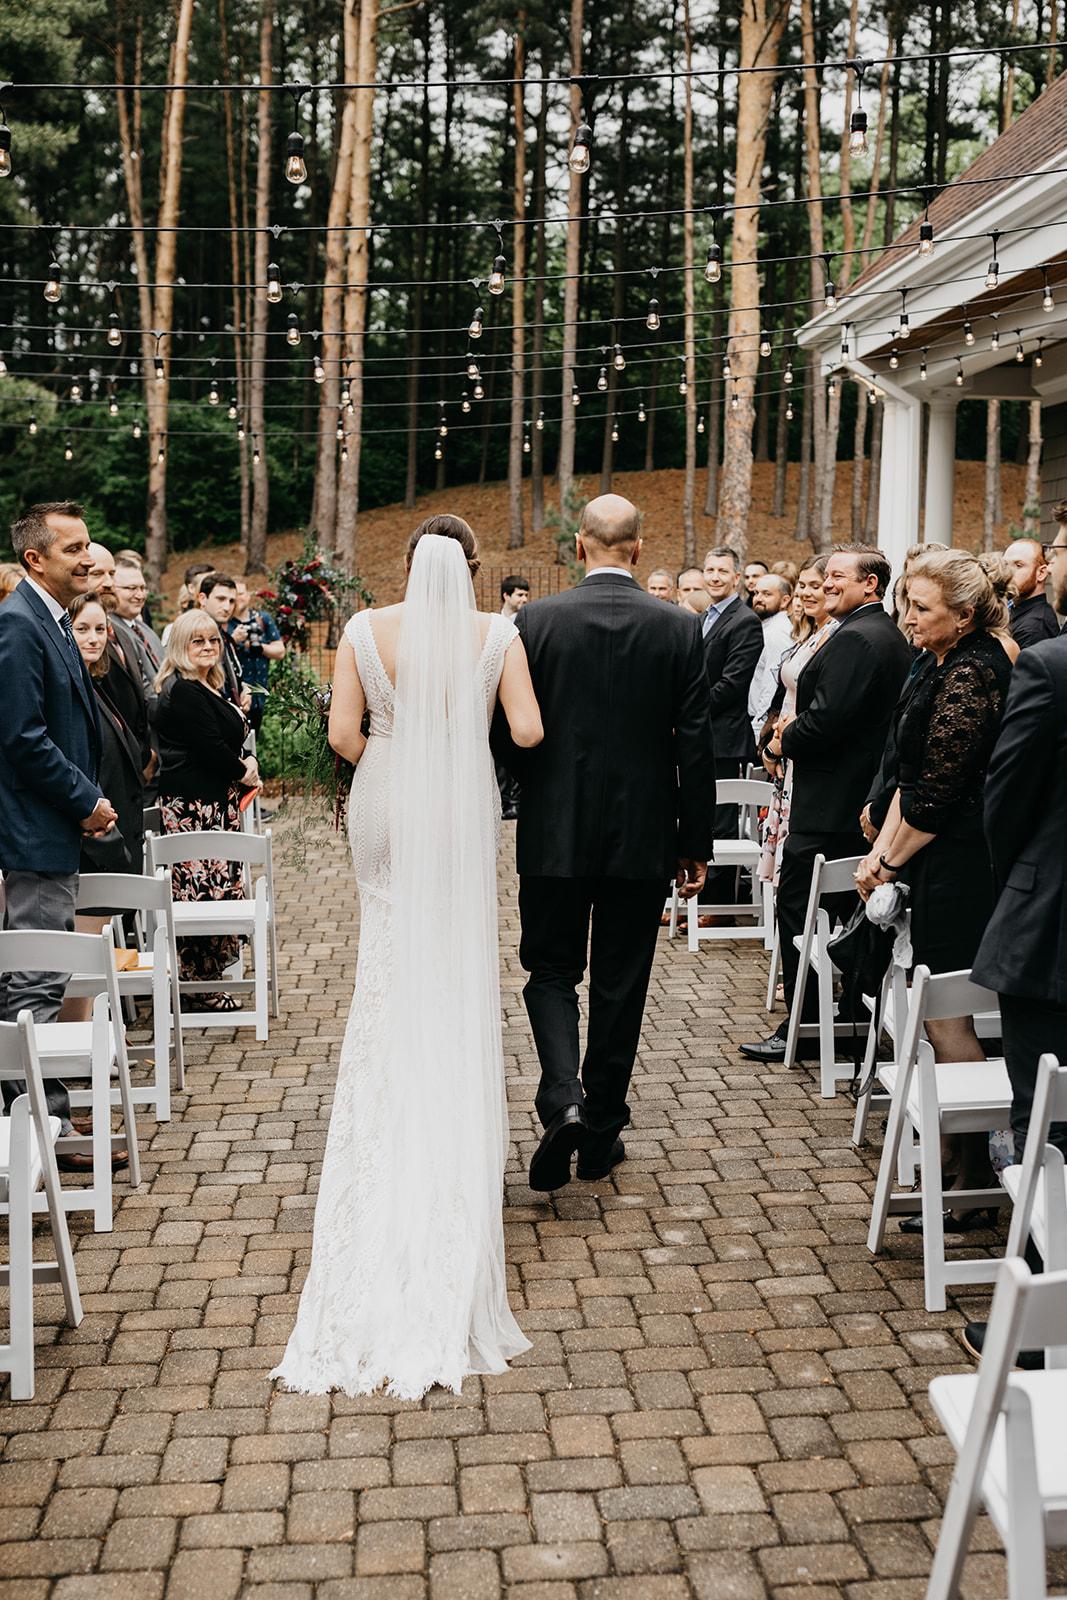 2019-06-01-00-Lindsey+Mat-06_Ceremony-meandhimphoto-0031-K5D44630.jpg